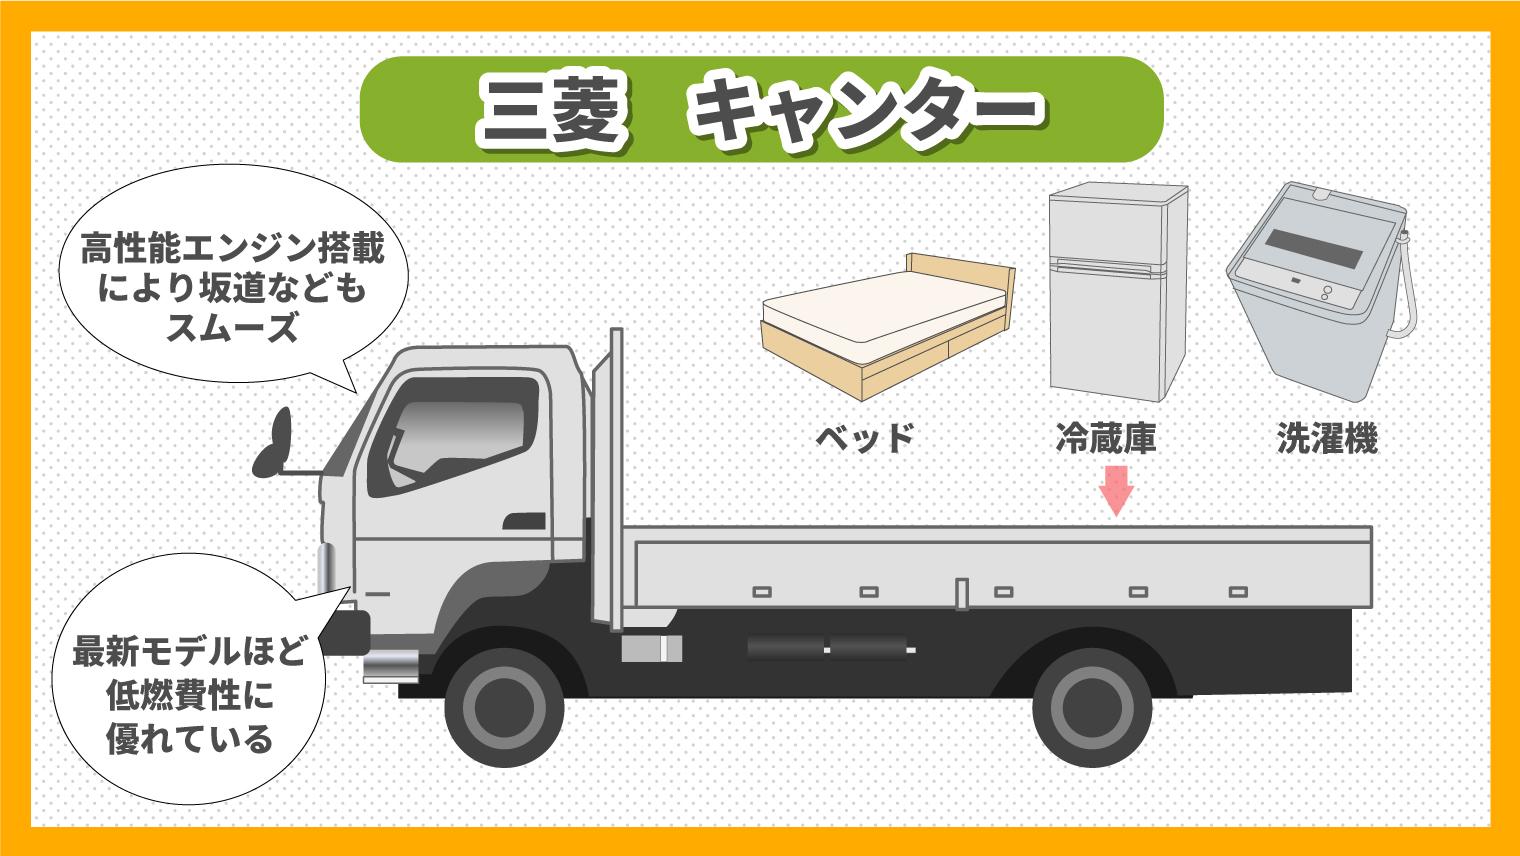 三菱キャンターの特徴